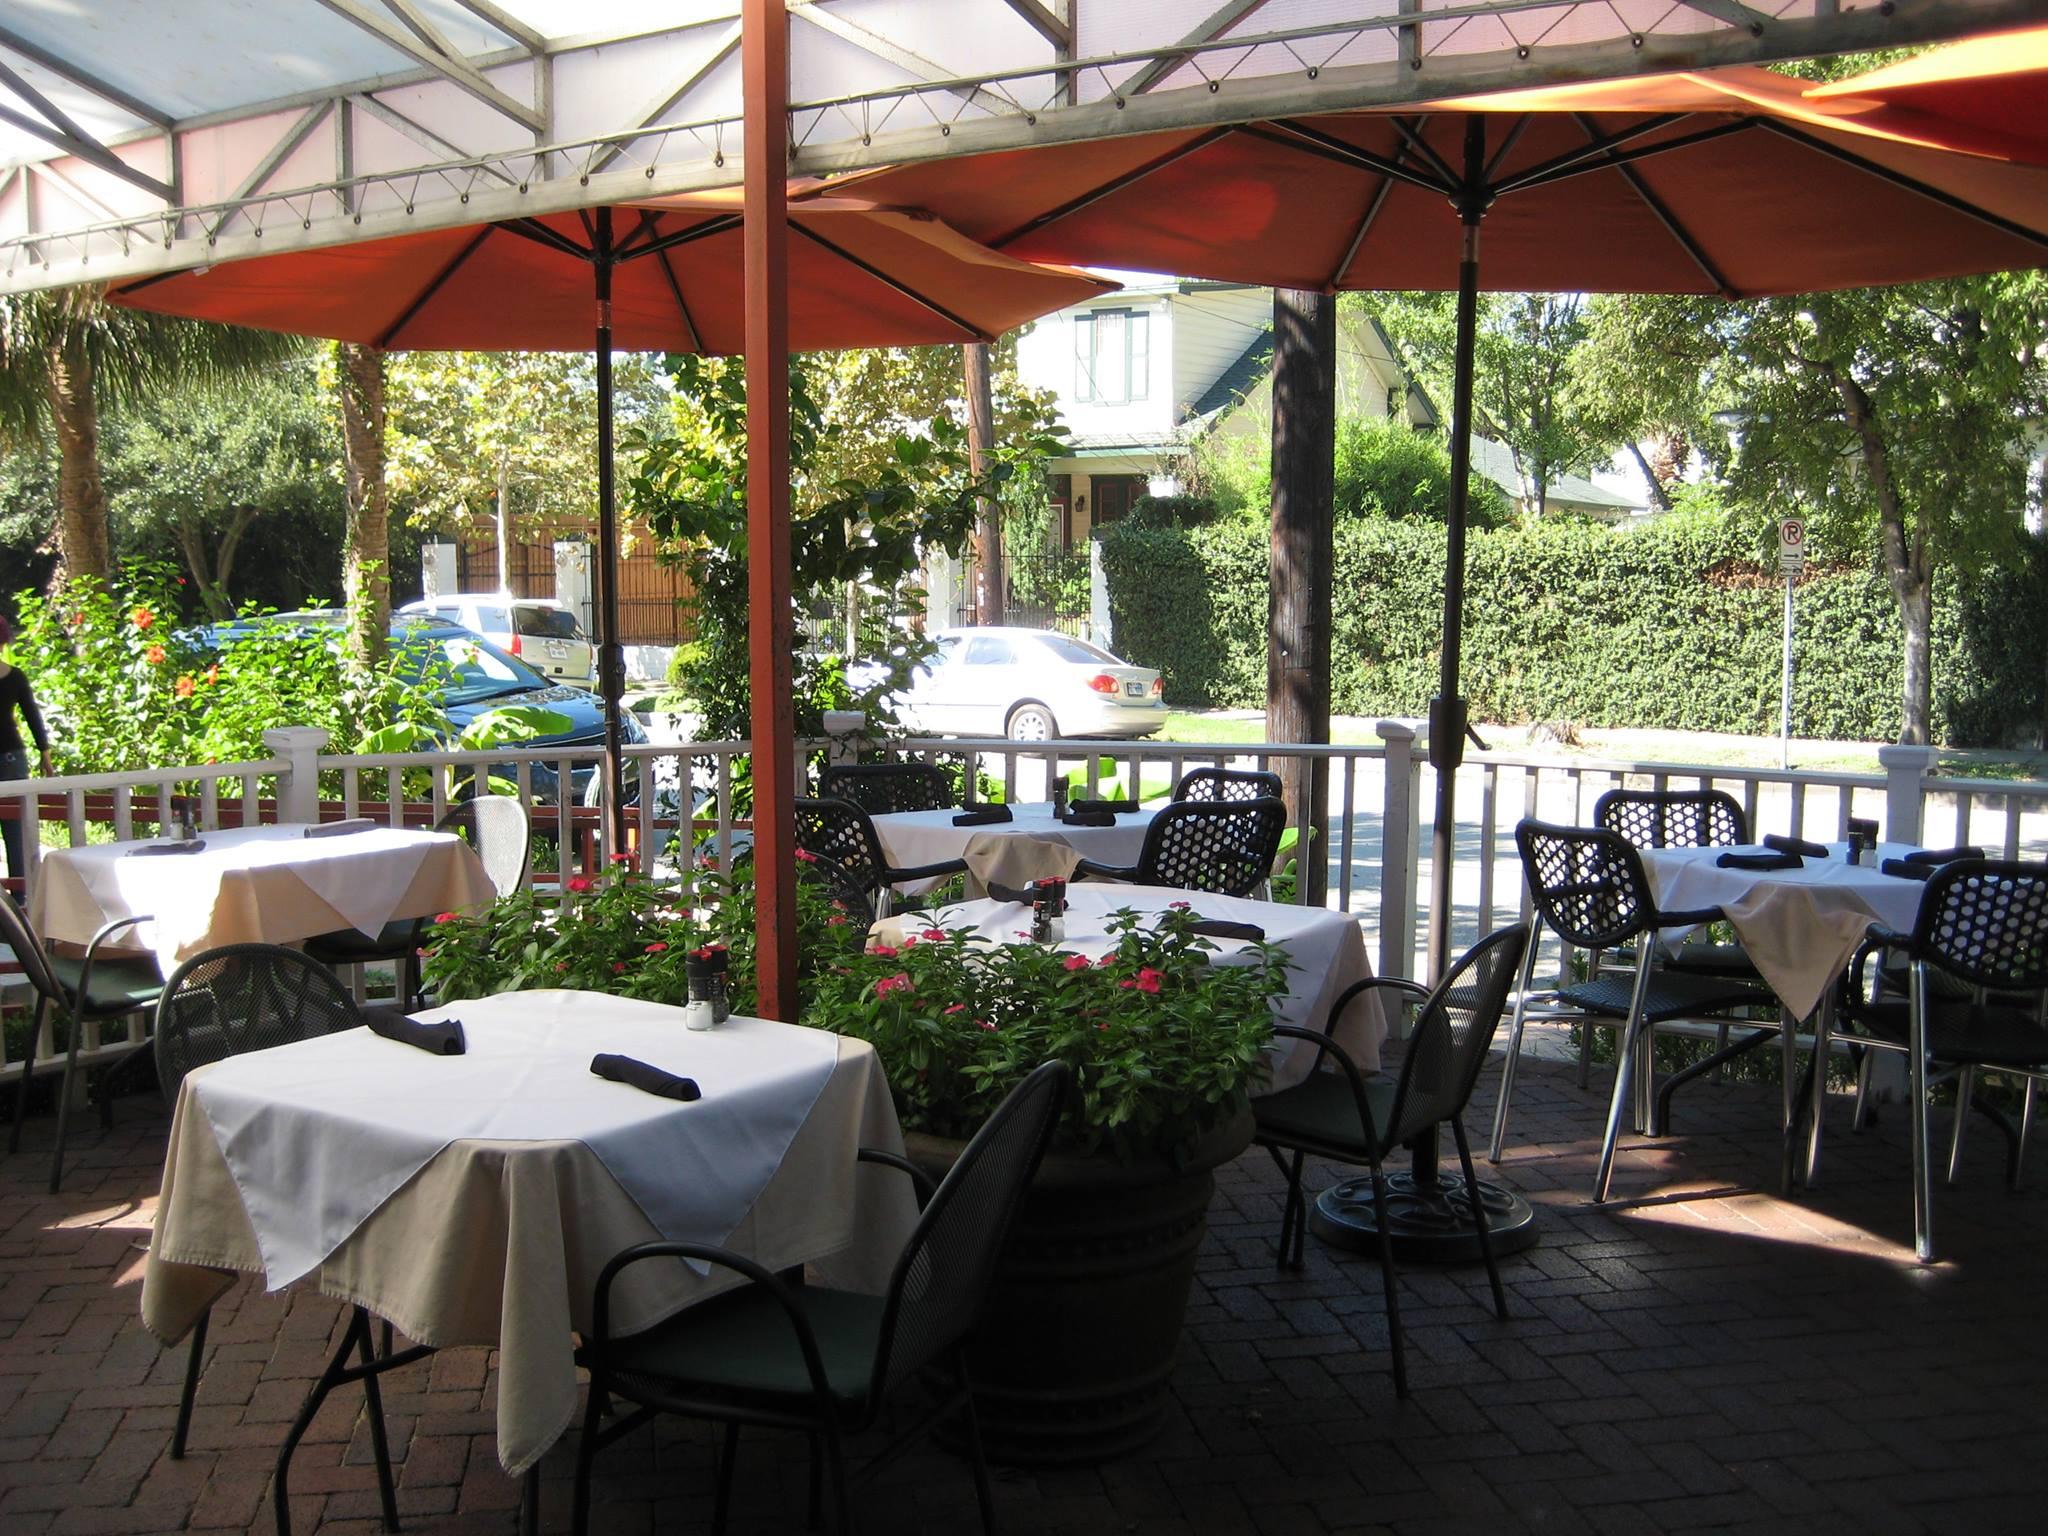 外景拍摄的是一个阴凉的,伞状的露台,桌子上覆盖着白布